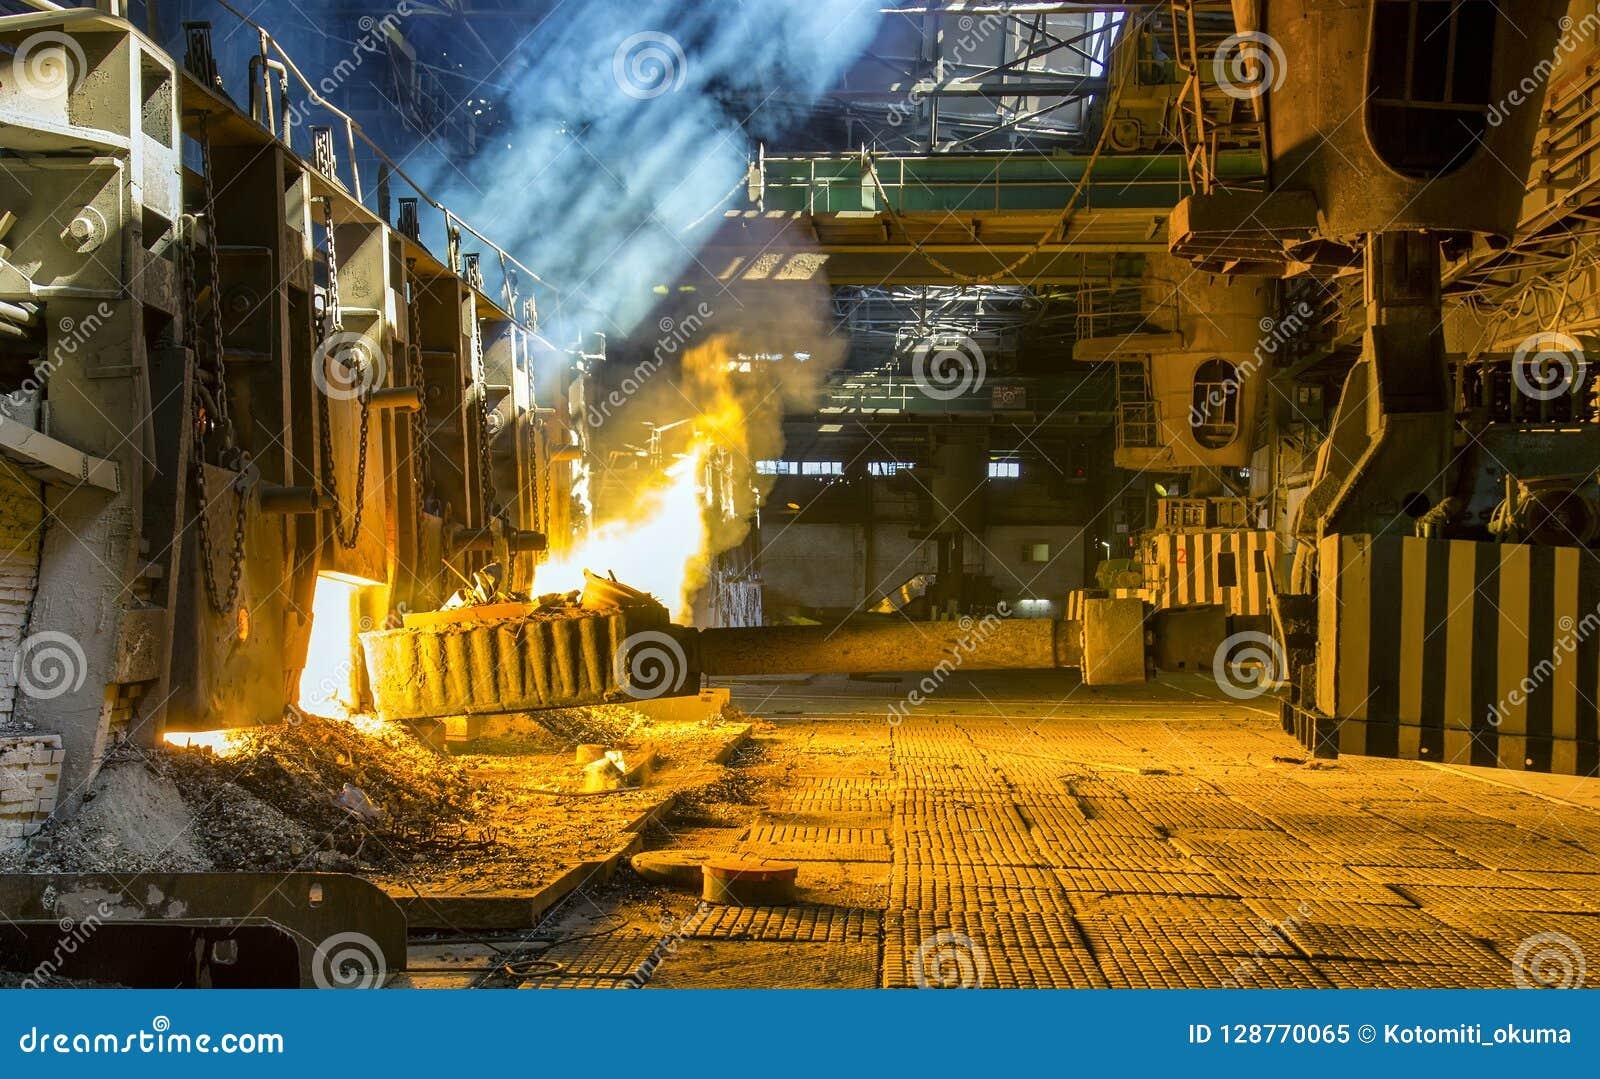 Four Martin à une usine métallurgique